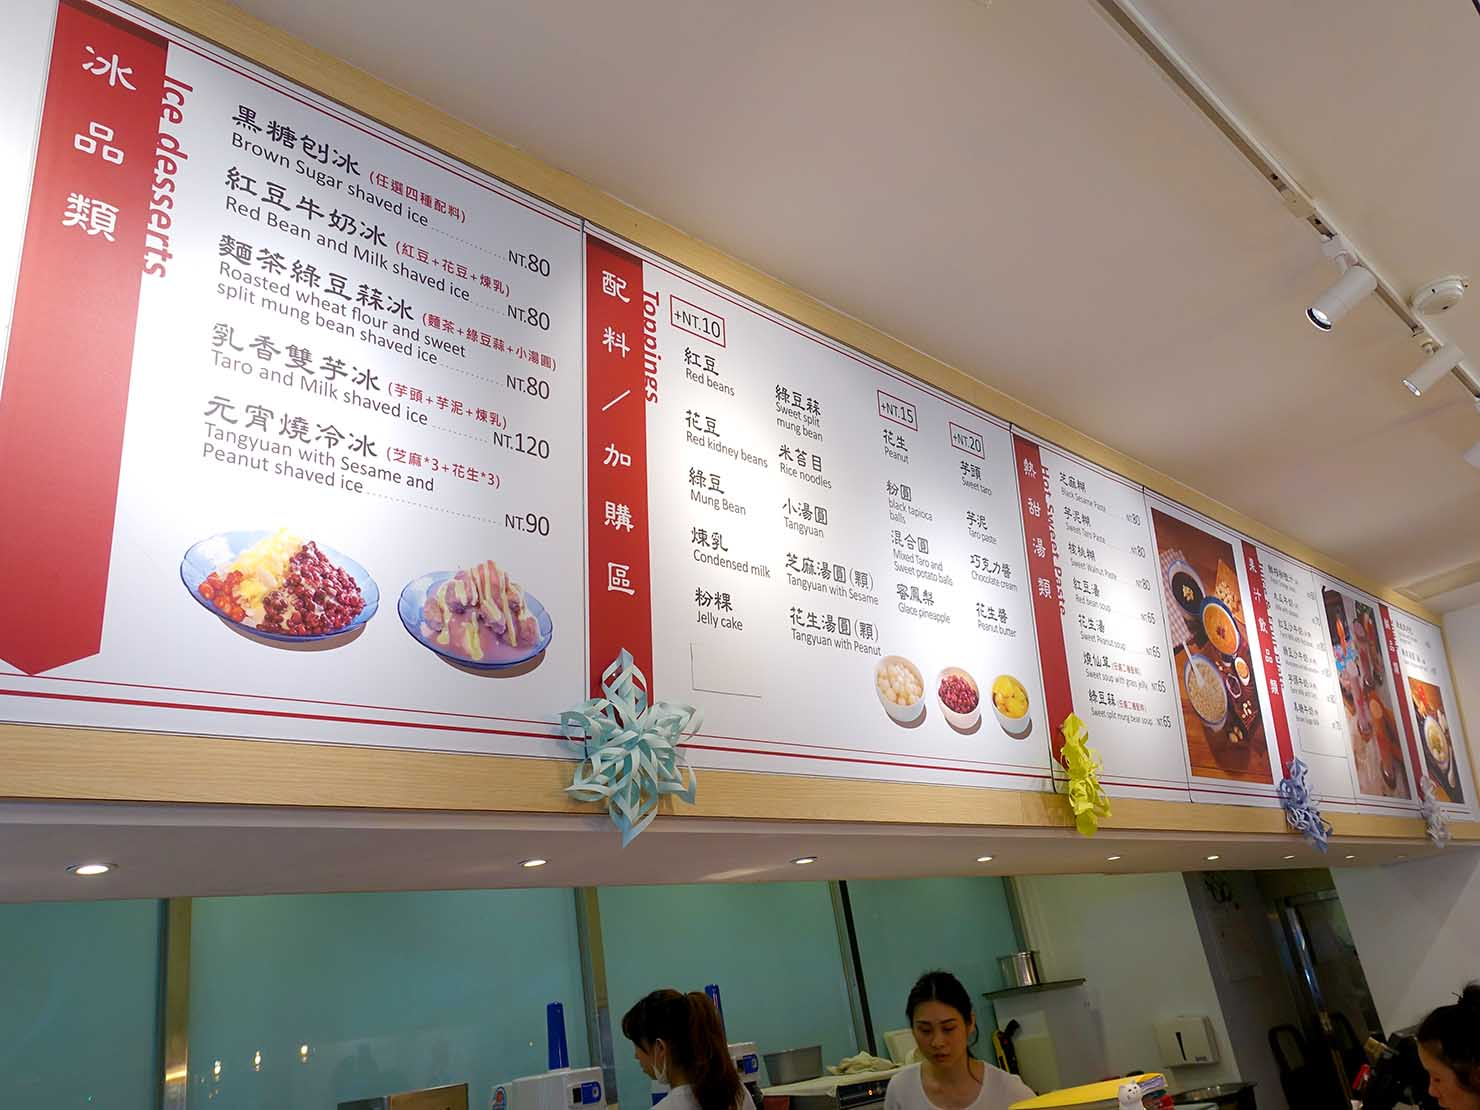 台北駅前エリア(前站)のおすすめスイーツ店「車頭站古早味冰品」のメニュー